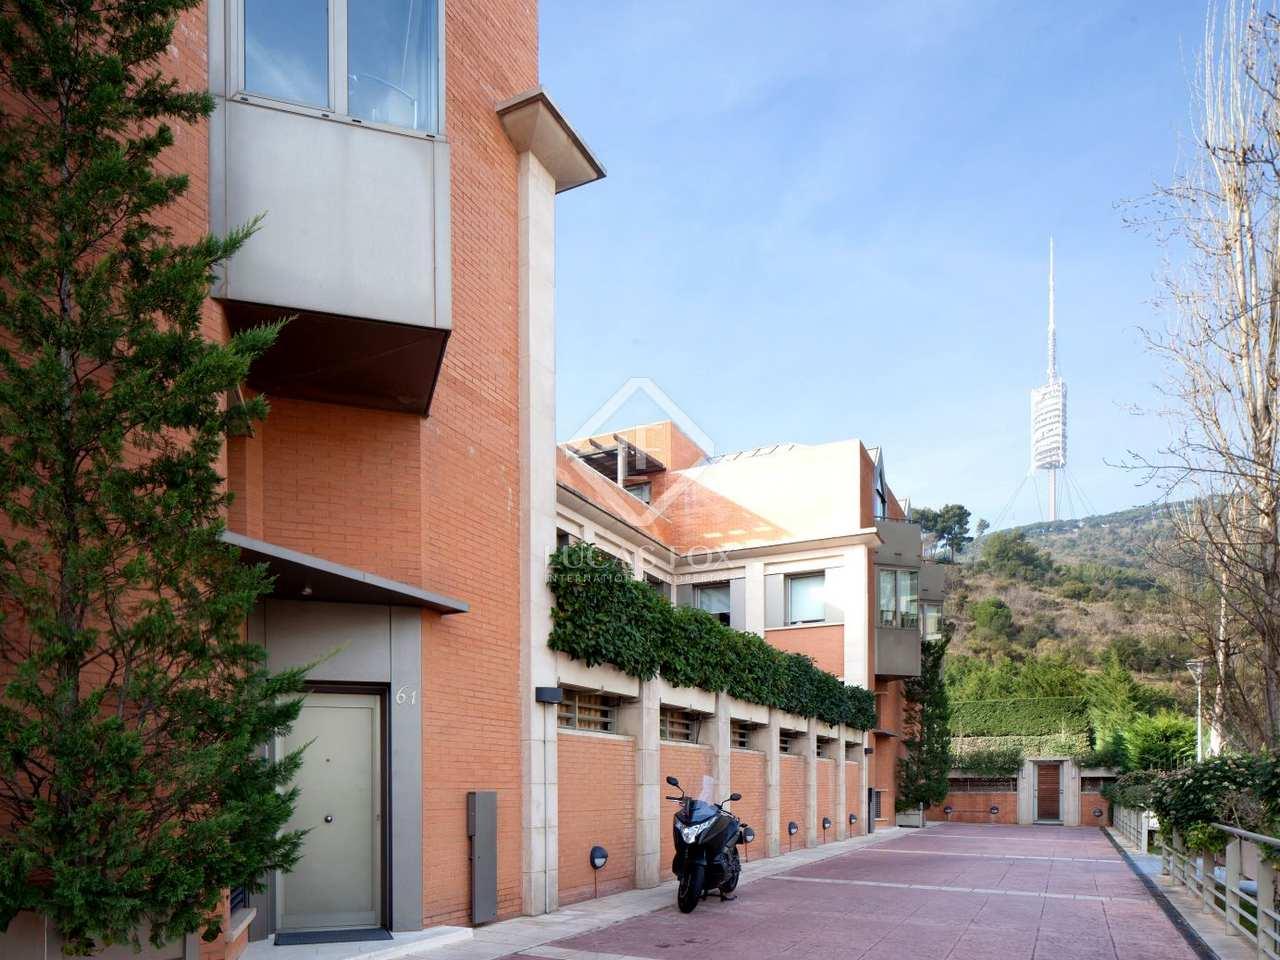 House for sale in torre vilana in barcelona 39 s zona alta - Zona alta barcelona ...